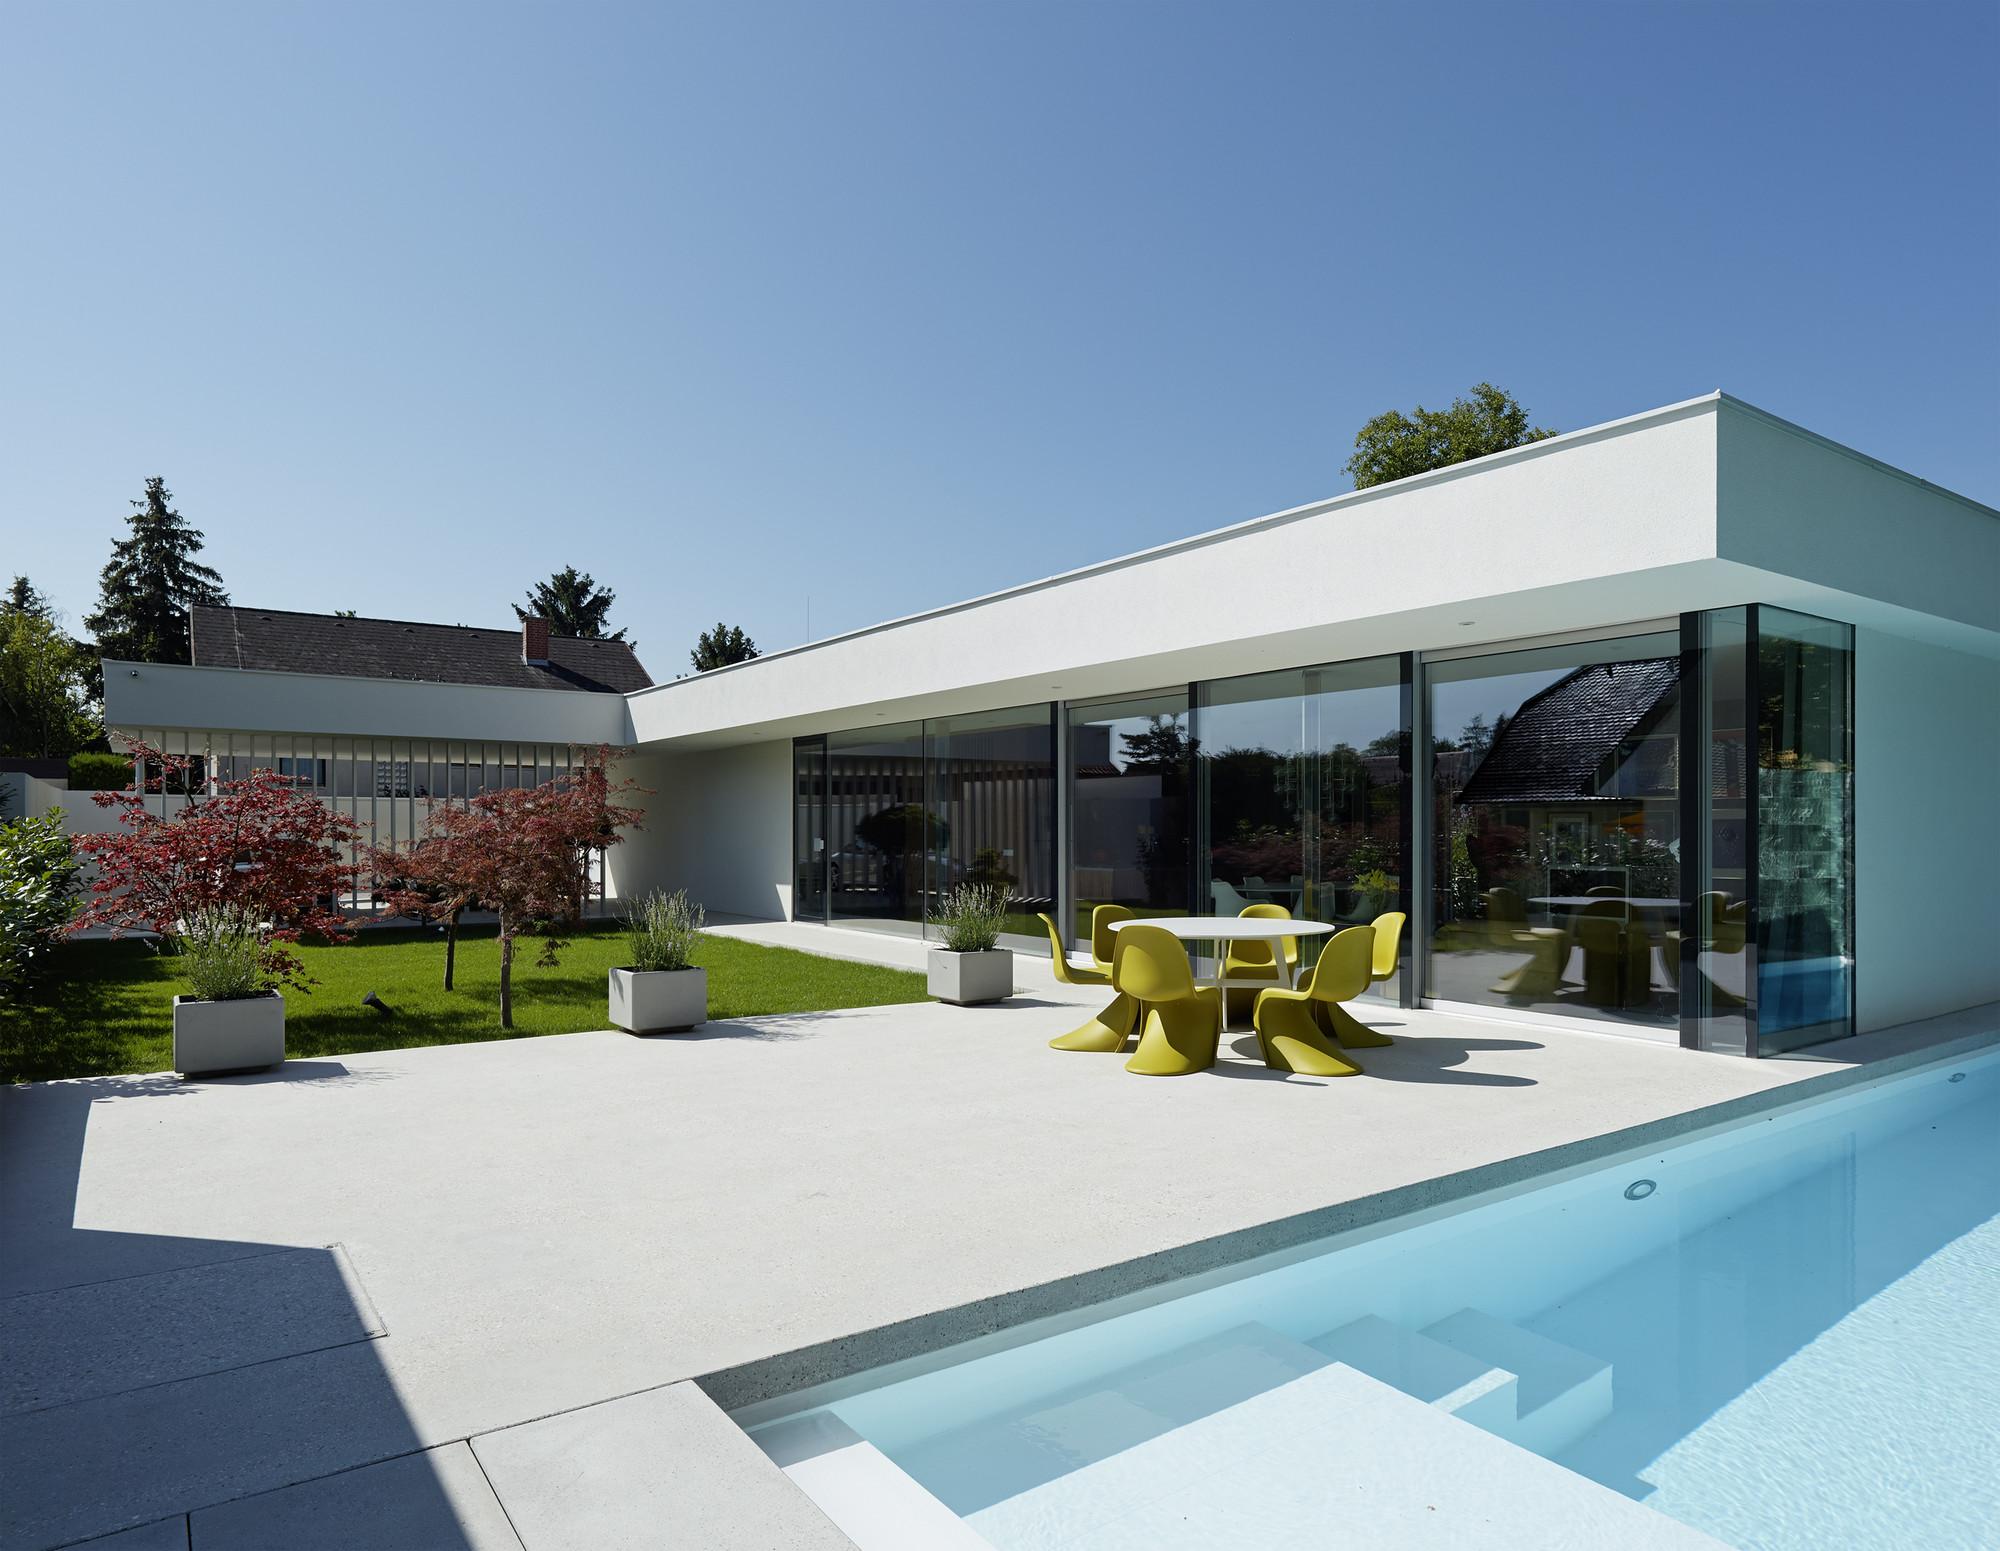 House A&B / Smertnik Kraut Architekten, © Bruno Klomfar